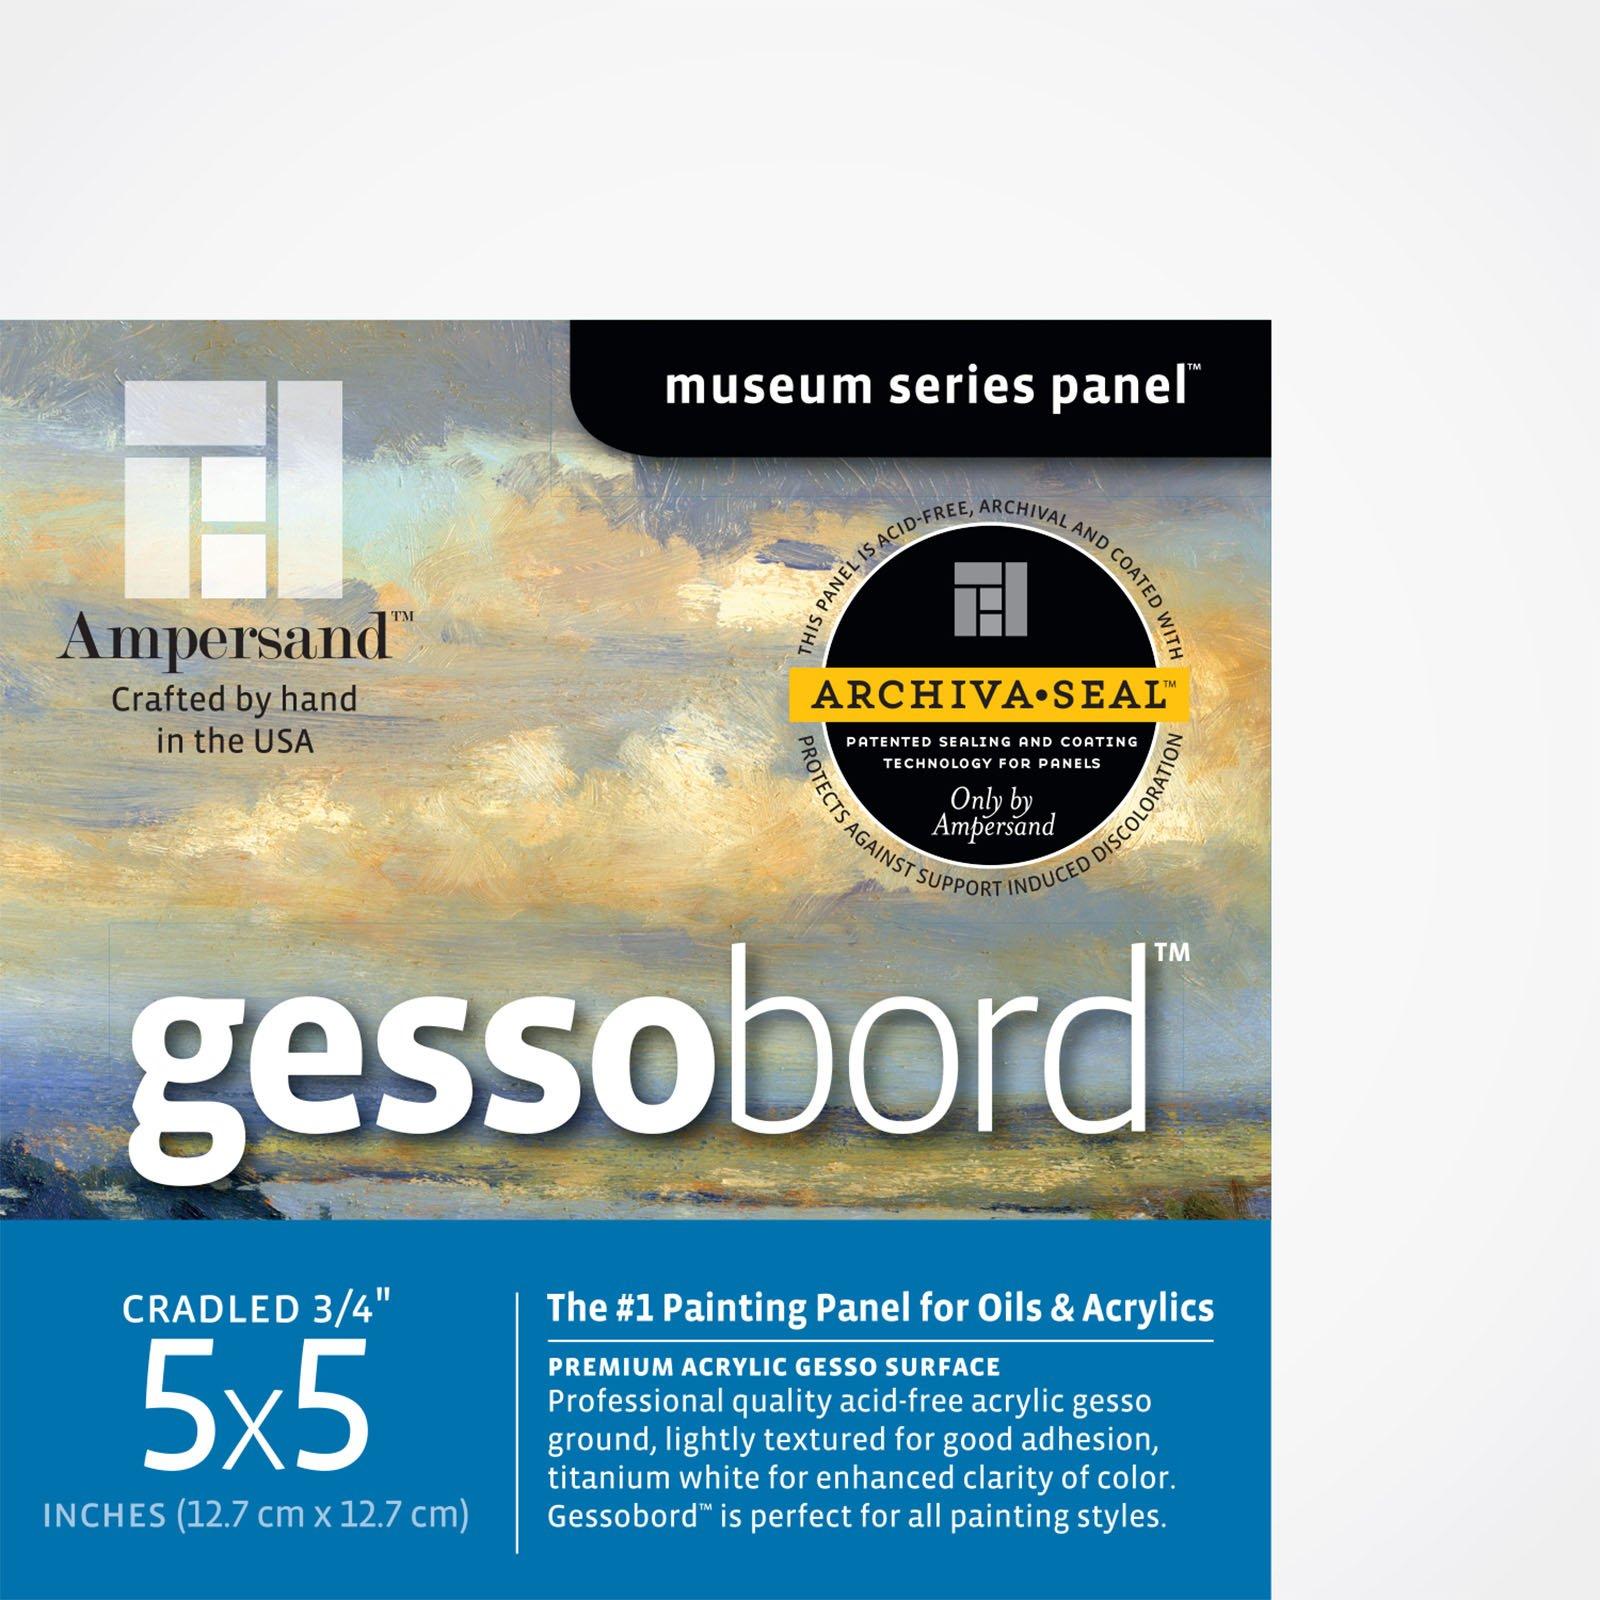 GESSOBORD 3/4IN CRADLED 5X5